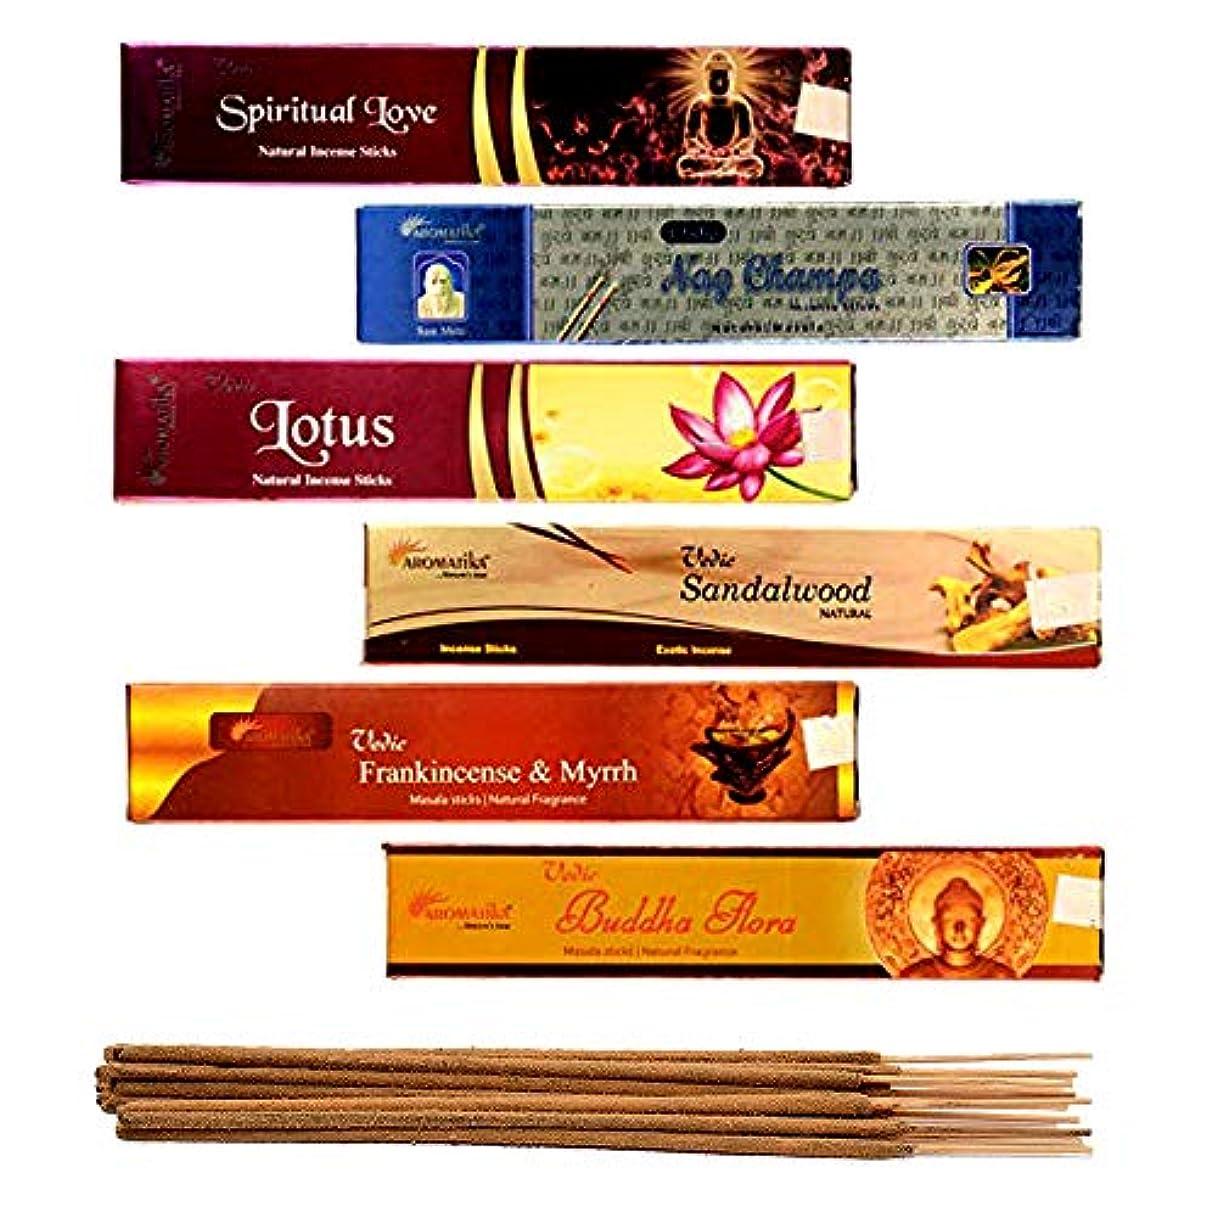 酔った水っぽいブルーベルaromatika 6 Assorted Masala Incense Sticks Vedic Nag Champa、サンダルウッド、ブッダFlora、ロータス、Frankincense & Myrrh、Spiritual...